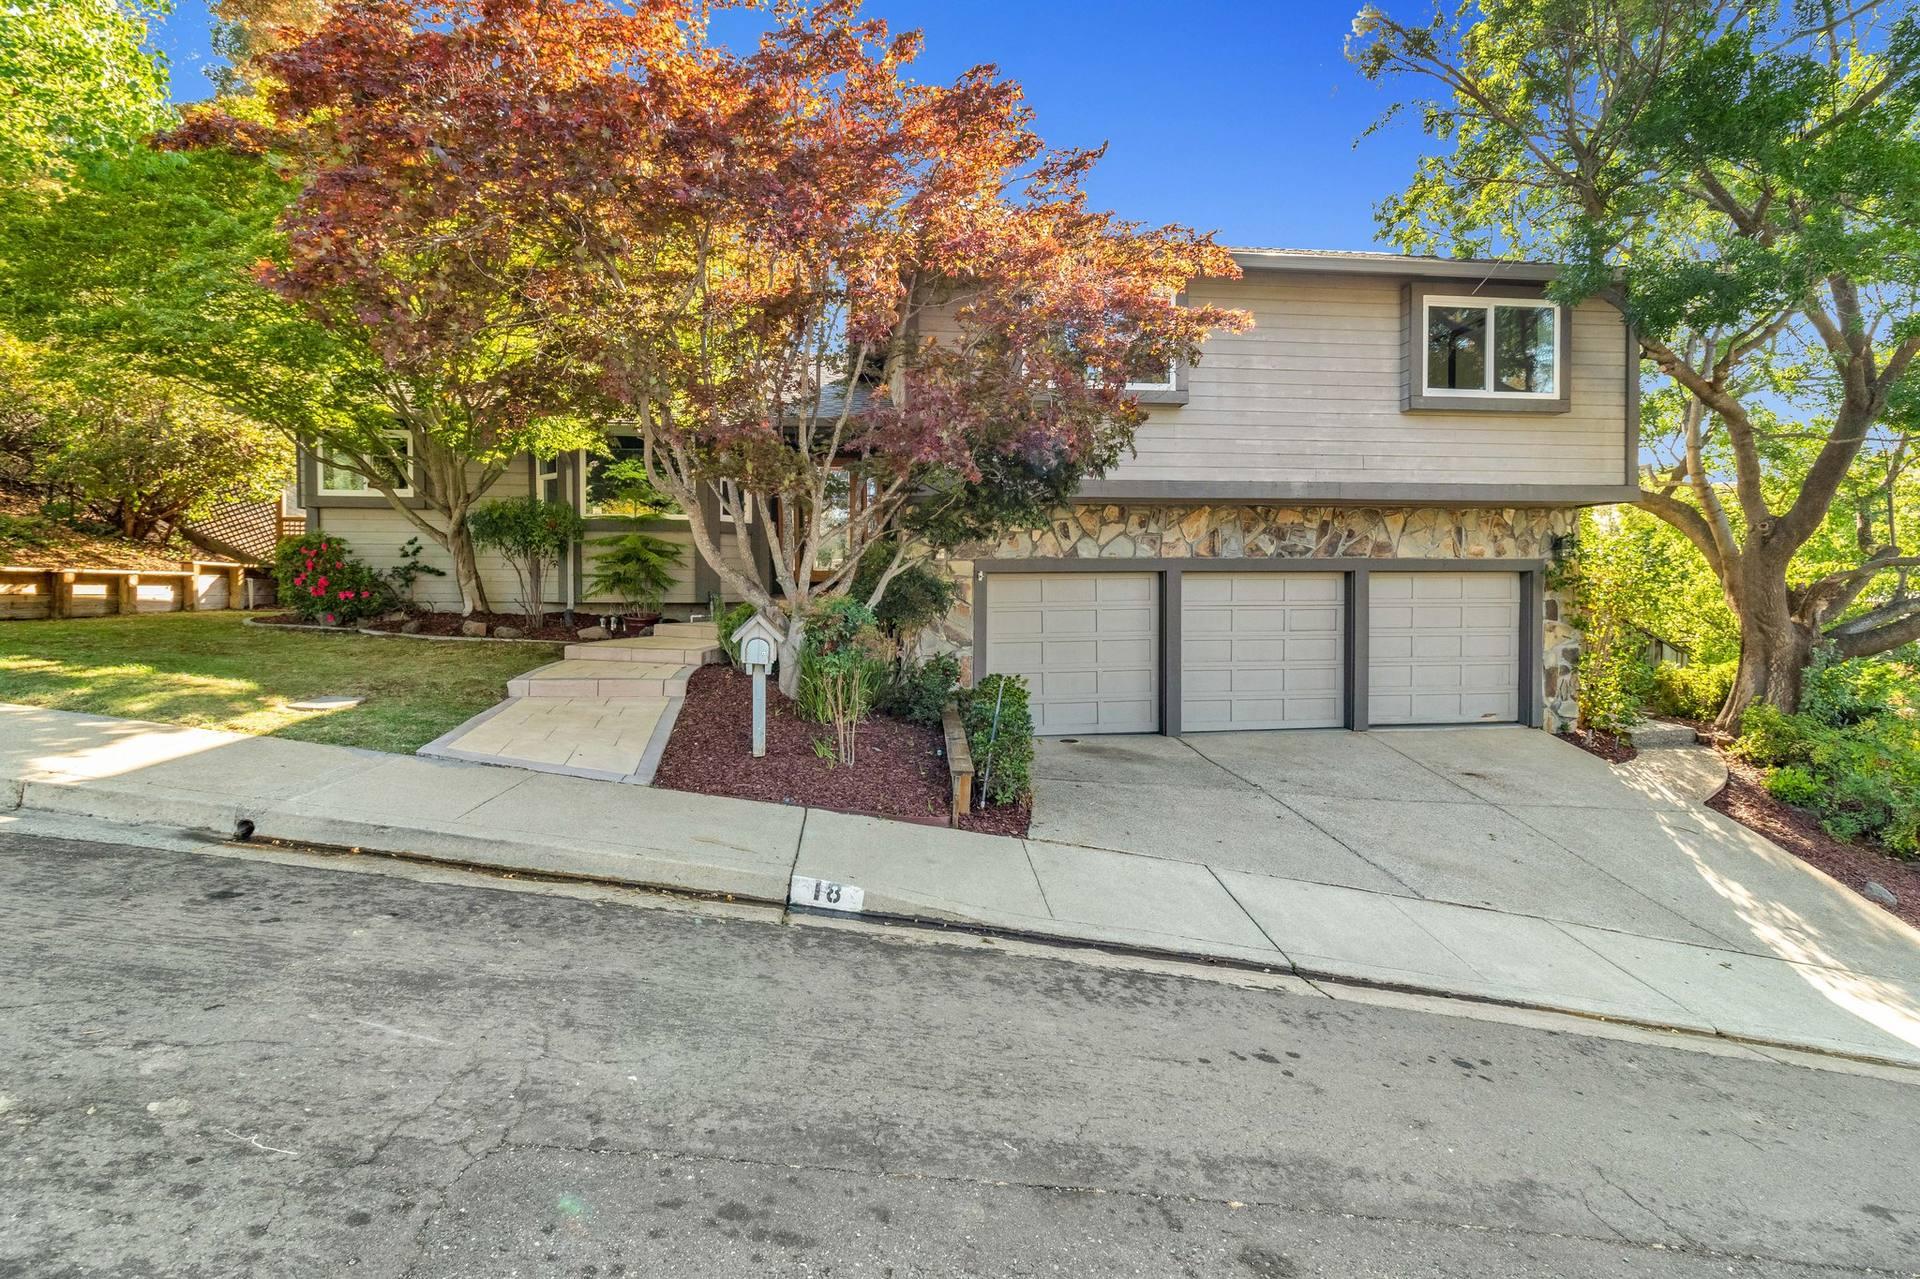 18 Elton Ct, Pleasant Hill, CA 94523, USA